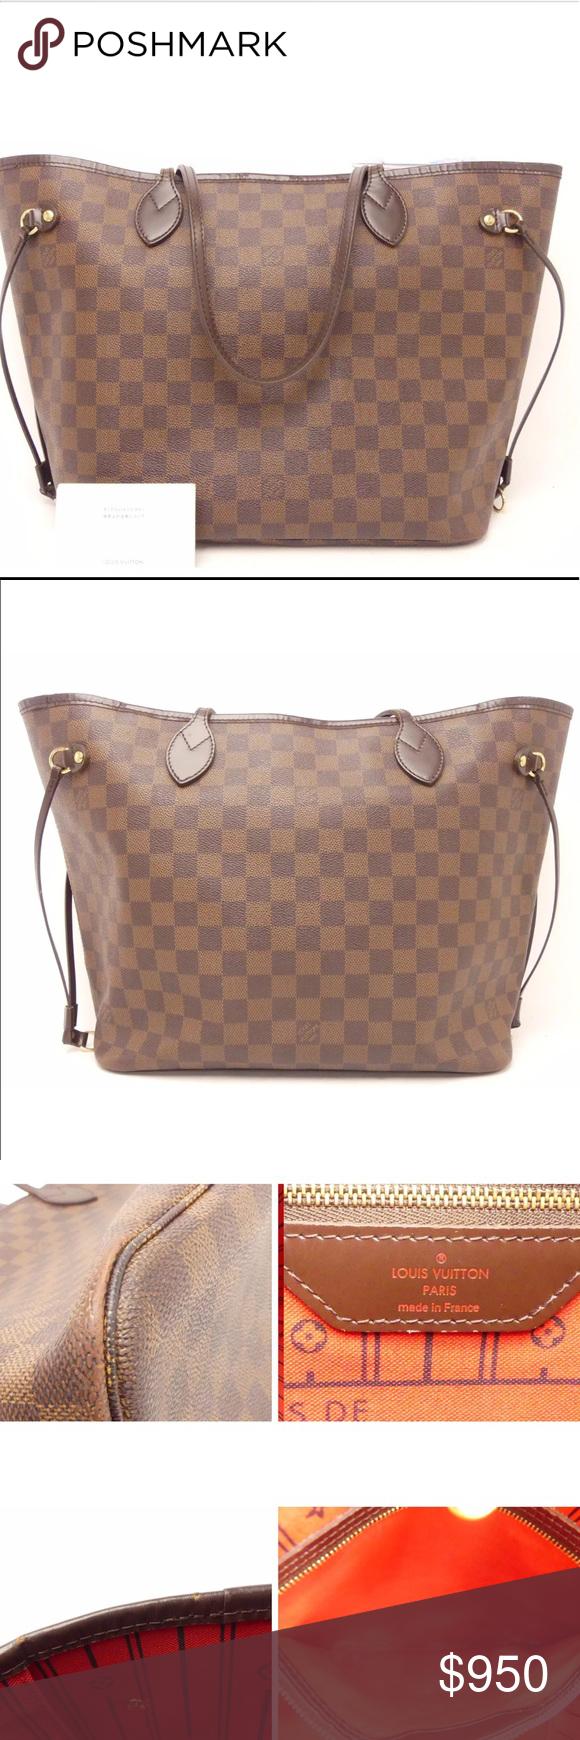 Sold Louis Vuitton Damier Neverful Mm Louis Vuitton Louis Vuitton Damier Louis Vuitton Bag